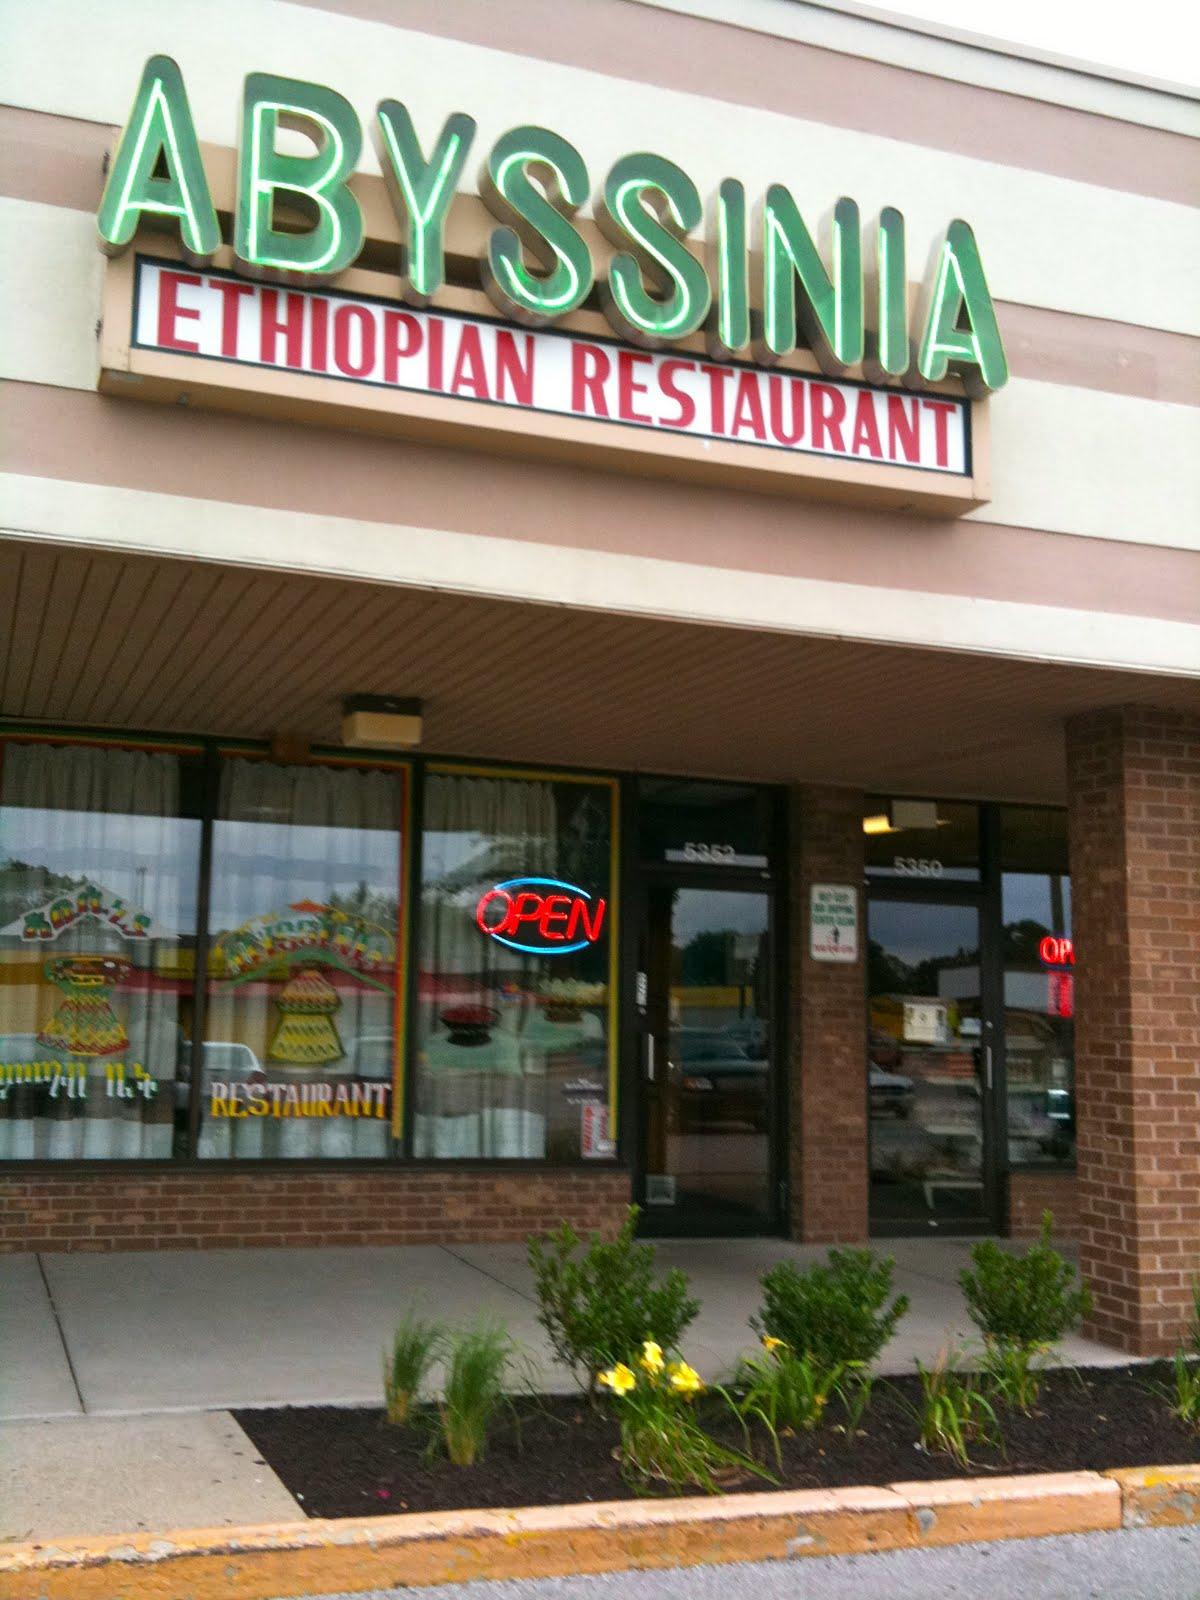 Auténtica comida Major Restaurant África Oriental - Etiopía - Indianapolis, IN